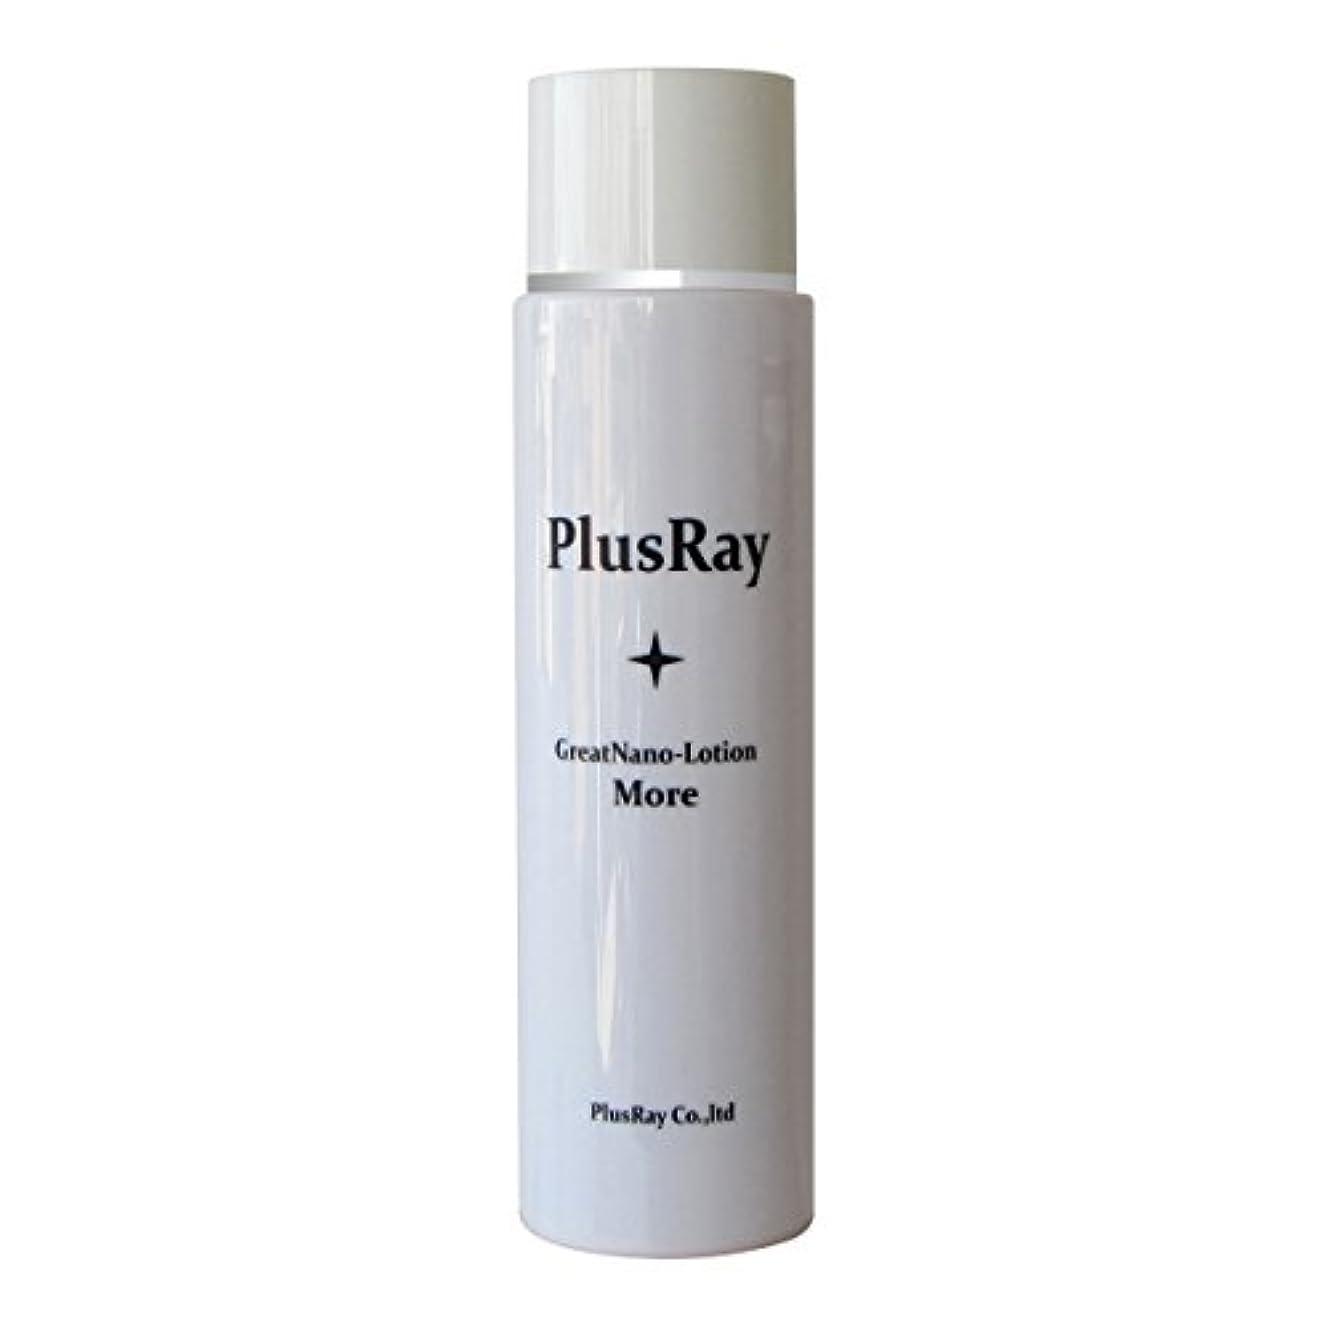 うんバーマド人種プラスレイ(PlusRay)化粧品 グレイトナノローション モア EGF プラセンタ 化粧水